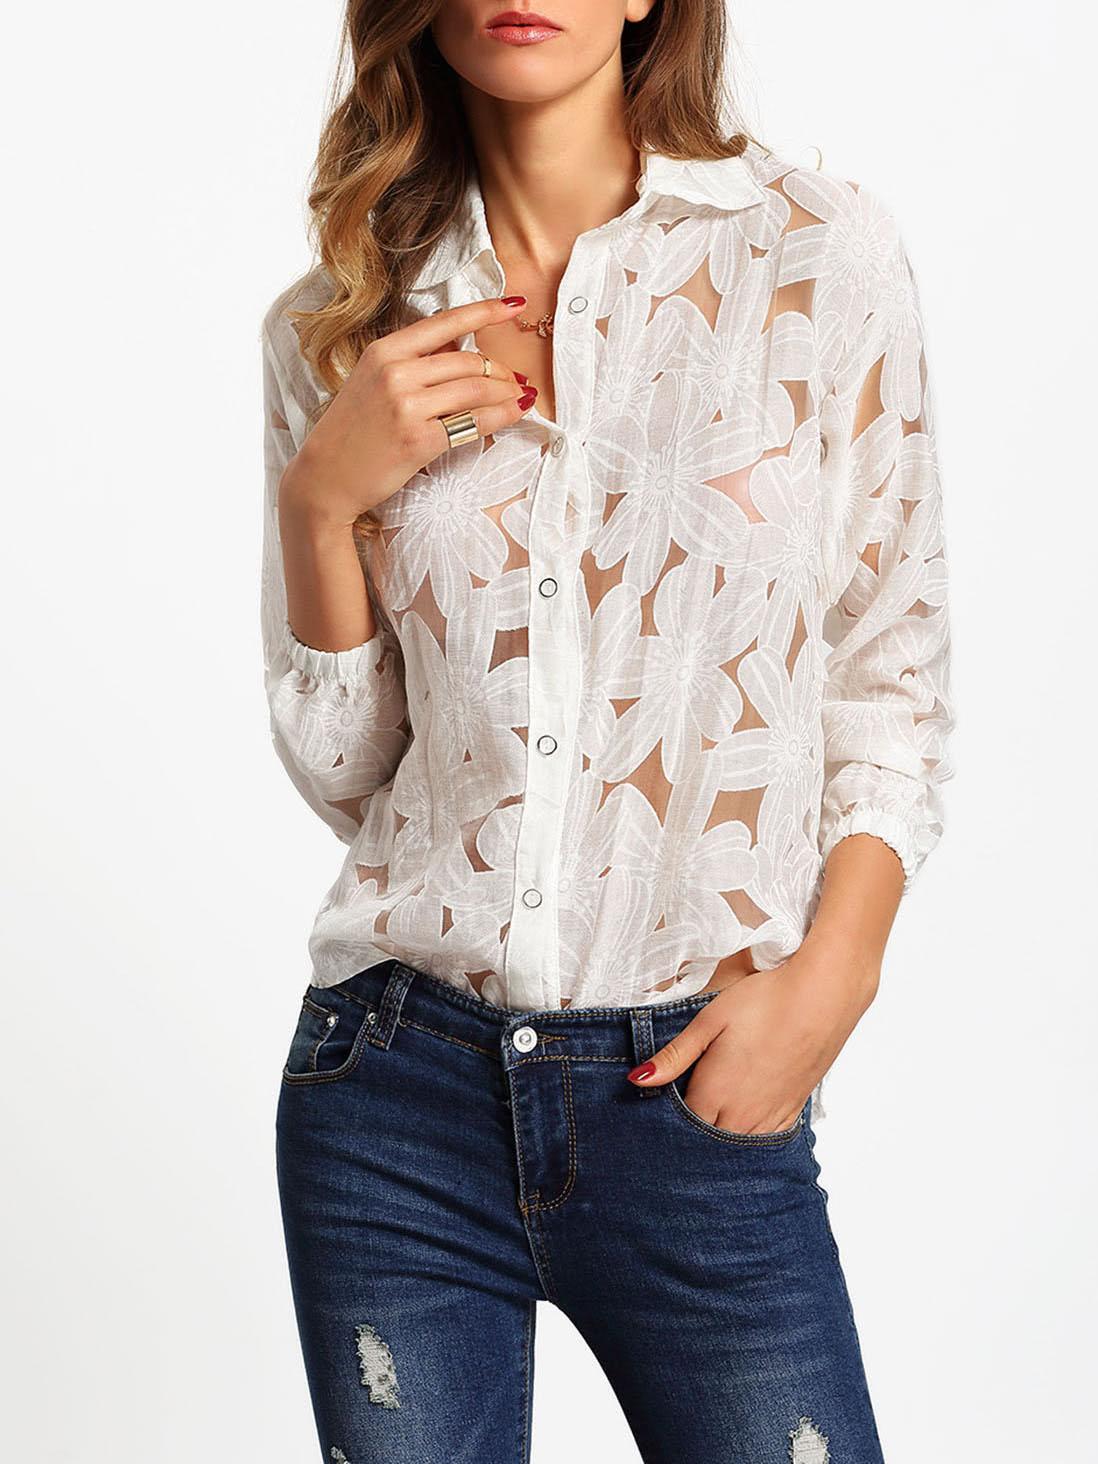 Flower Print Long Sleeve Sheer Blouse fishnet sheer long sleeve swimsuit